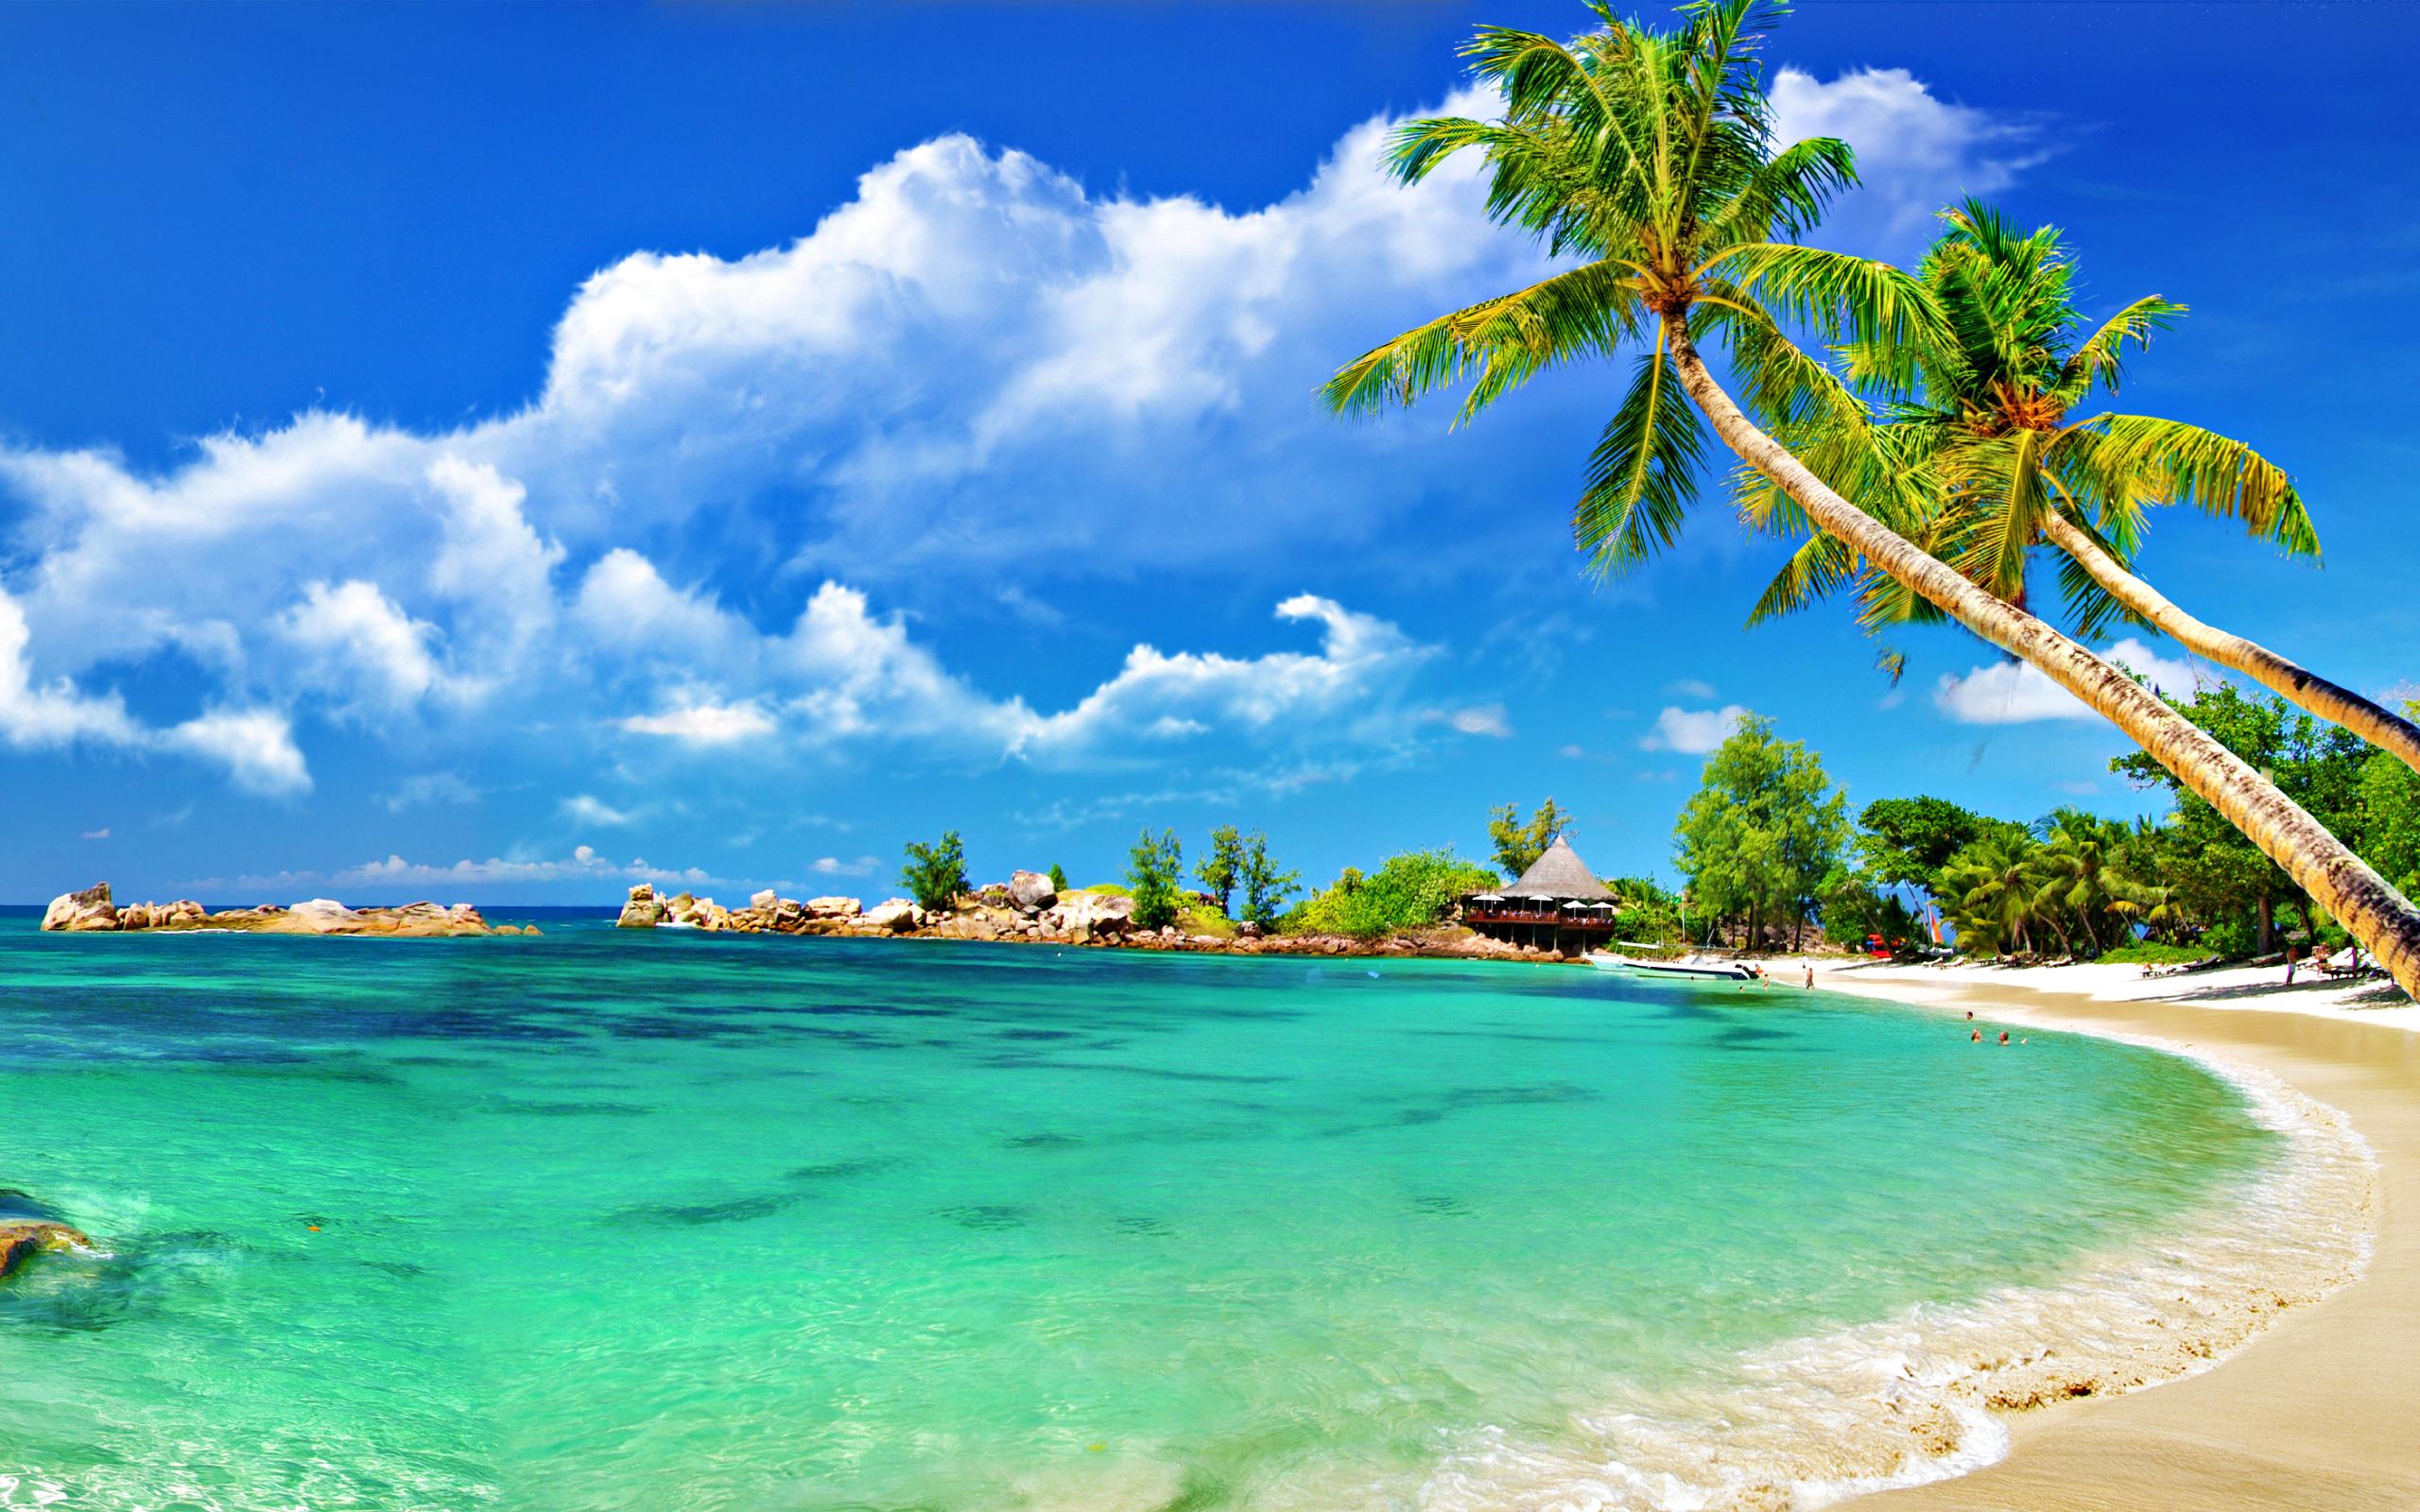 Обои море пляж на рабочий стол скачать бесплатно 1920x1080